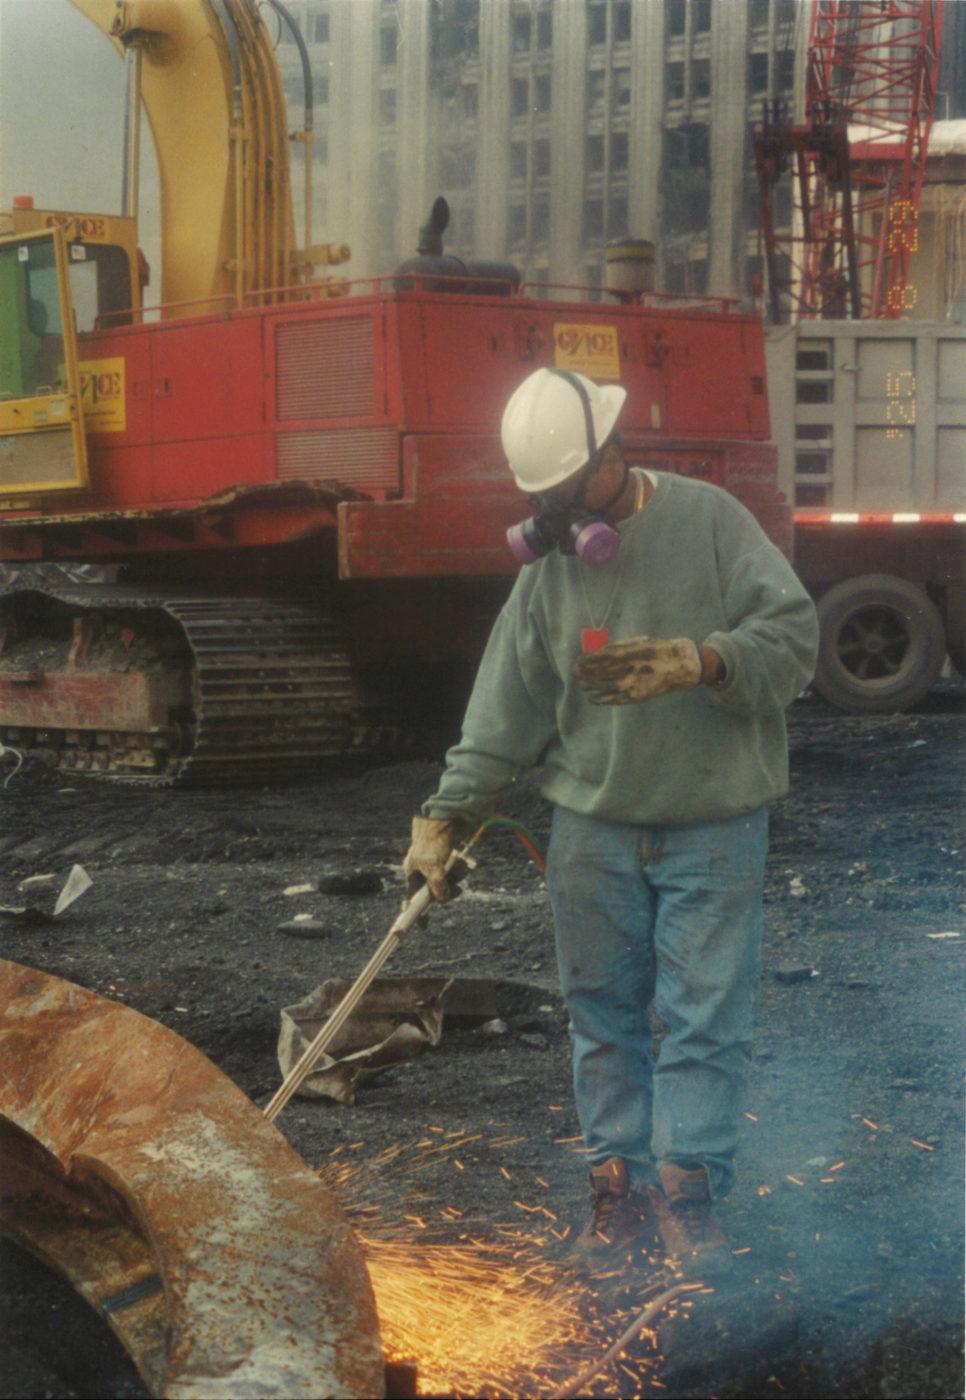 Worker at Ground Zero (2)